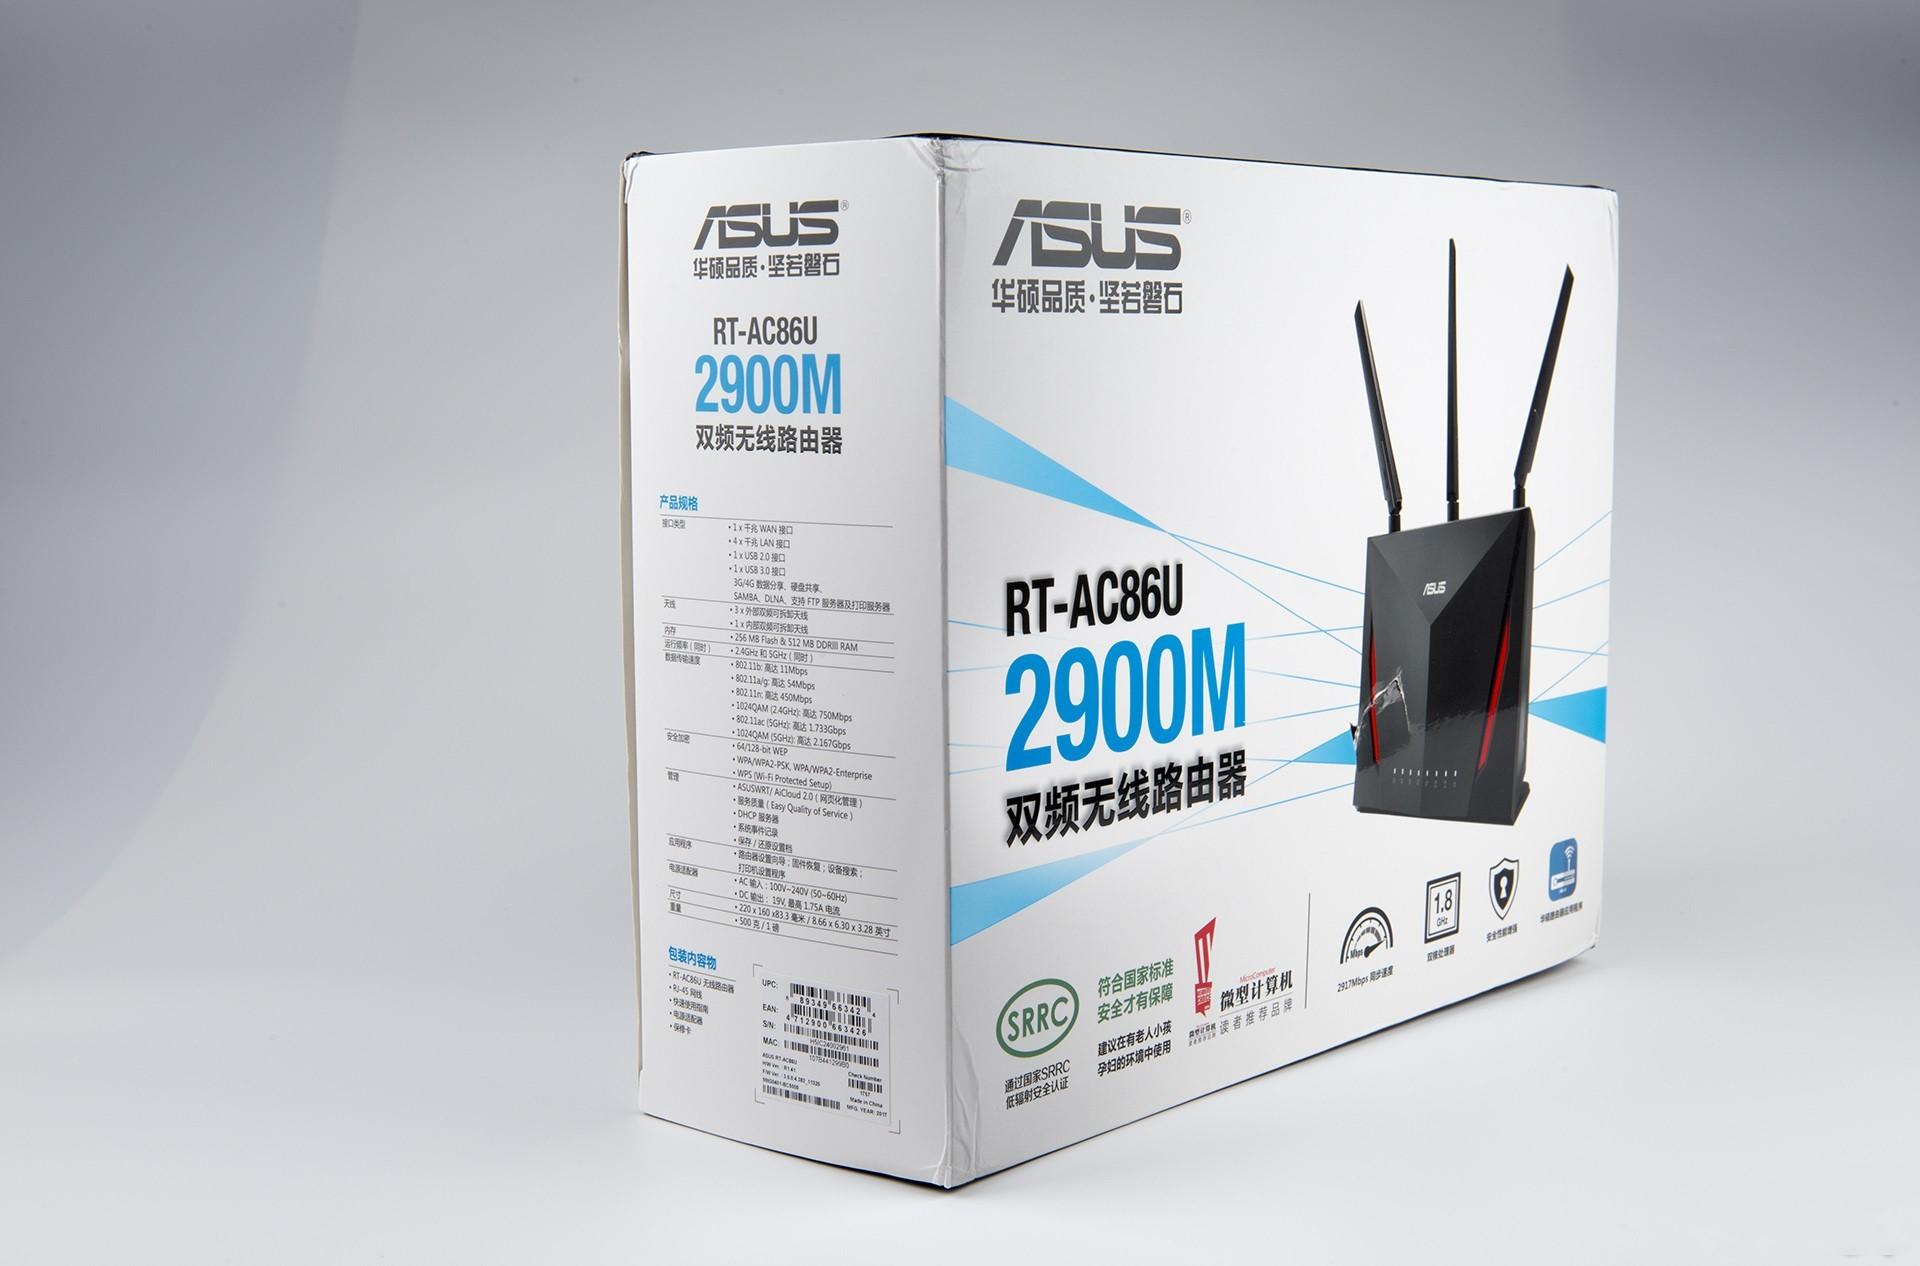 穿墙国行 wifi 千兆路由器家用 AC2900M 光纤双频无线 AC86U RT 华硕 一年换新 六期免息 顺丰包邮